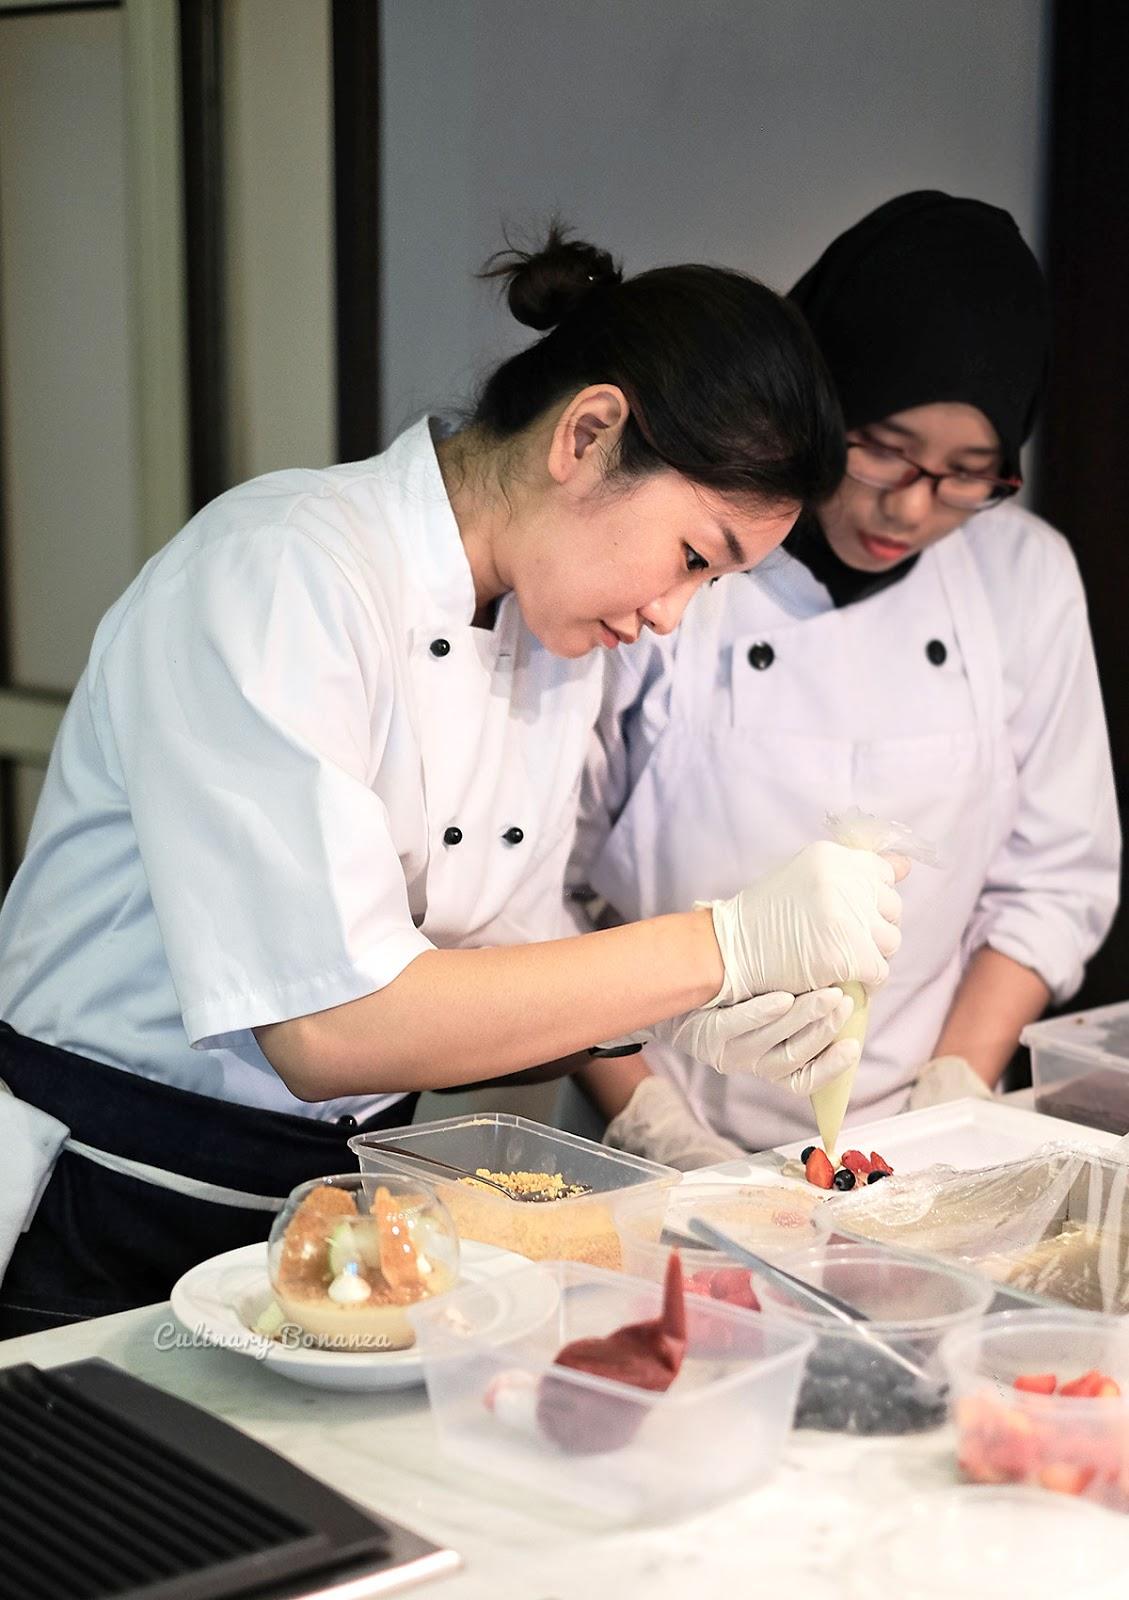 Salz-Zucker-Dessert-by-Grace-Dharmawan-(www.culinarybonanza.com)